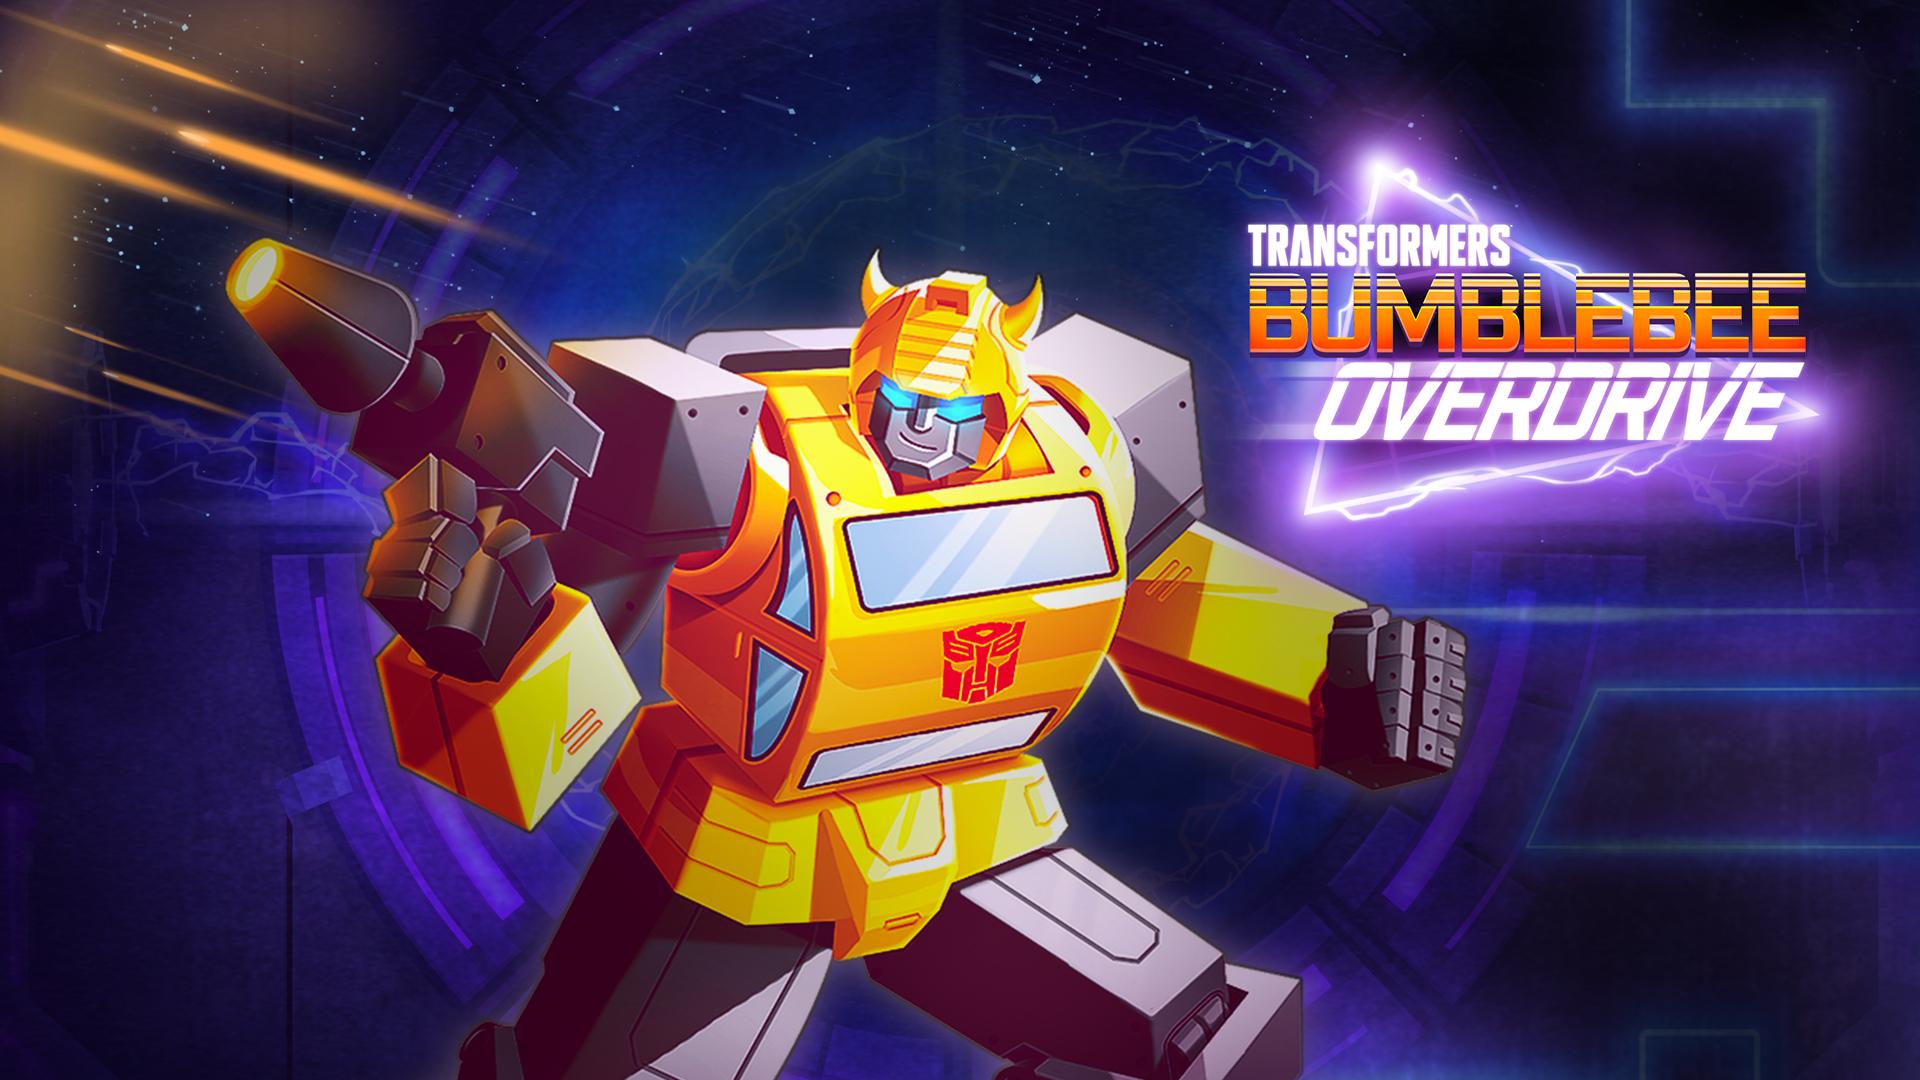 La app Android del mes: Transformers Bumblebee Supercargado